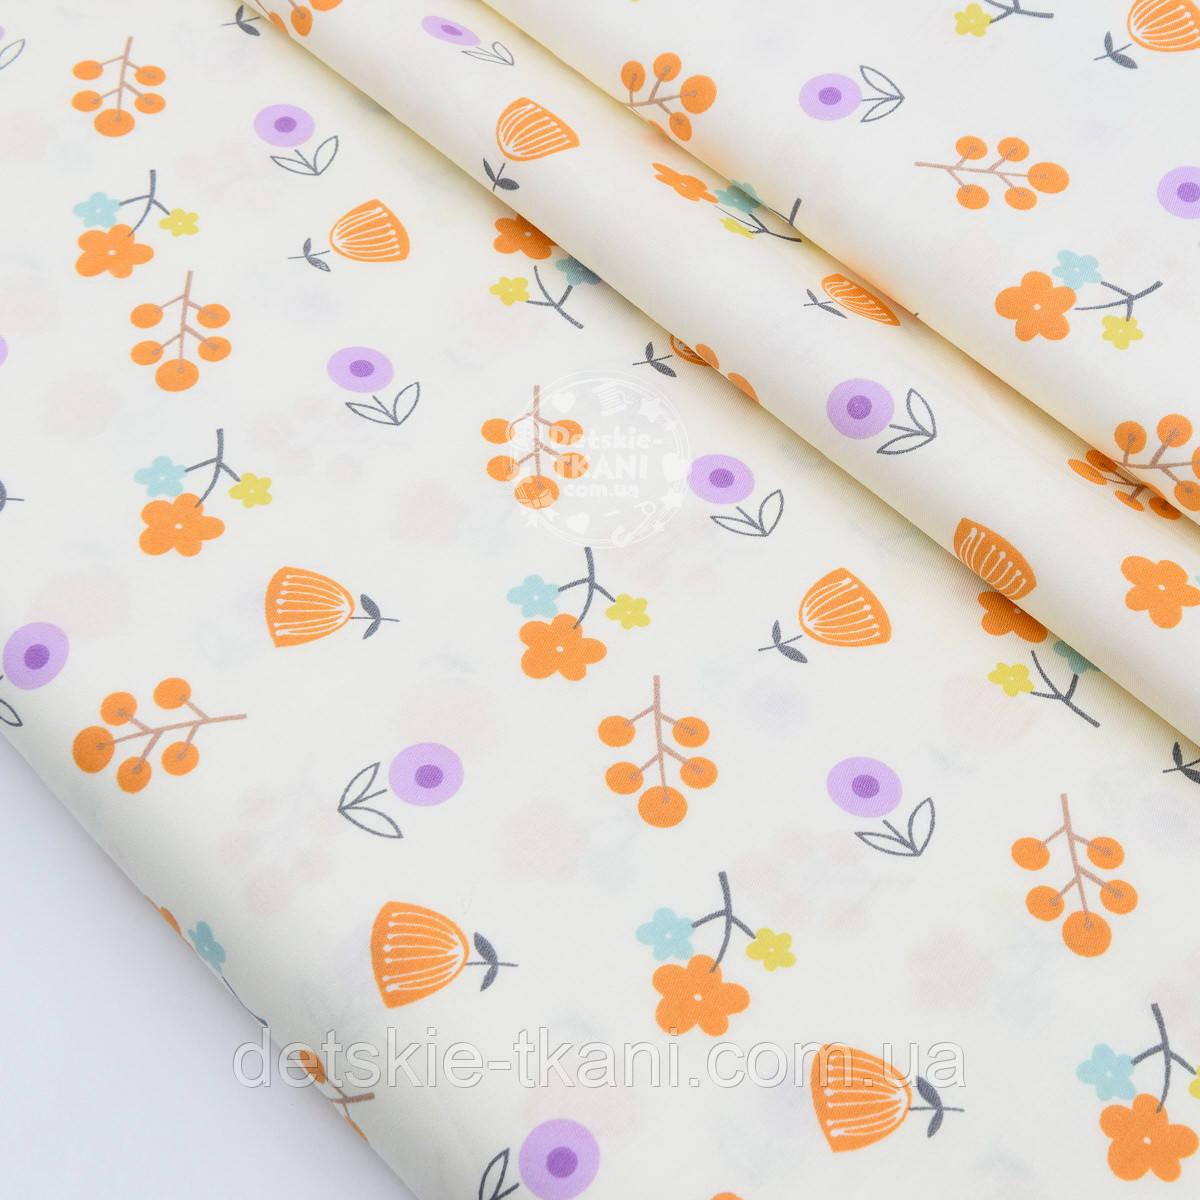 """Сатин ткань """"Оранжевые и сиреневые веточки"""" на кремовом, № 1745с"""